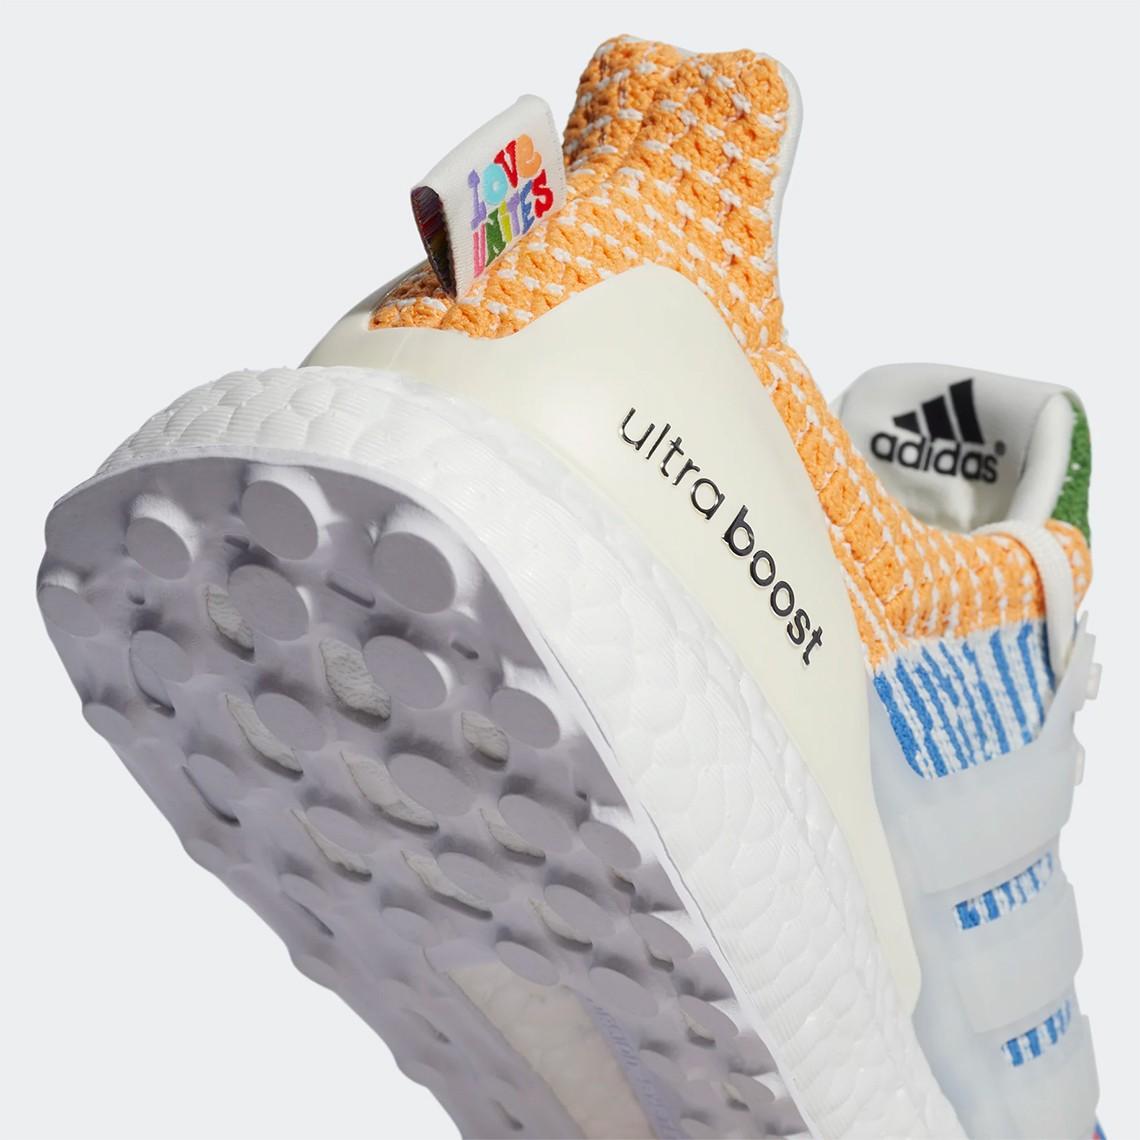 adidas UltraBOOST  越看越骚气!全新 adidas UB 5.0「彩虹」配色官图曝光!